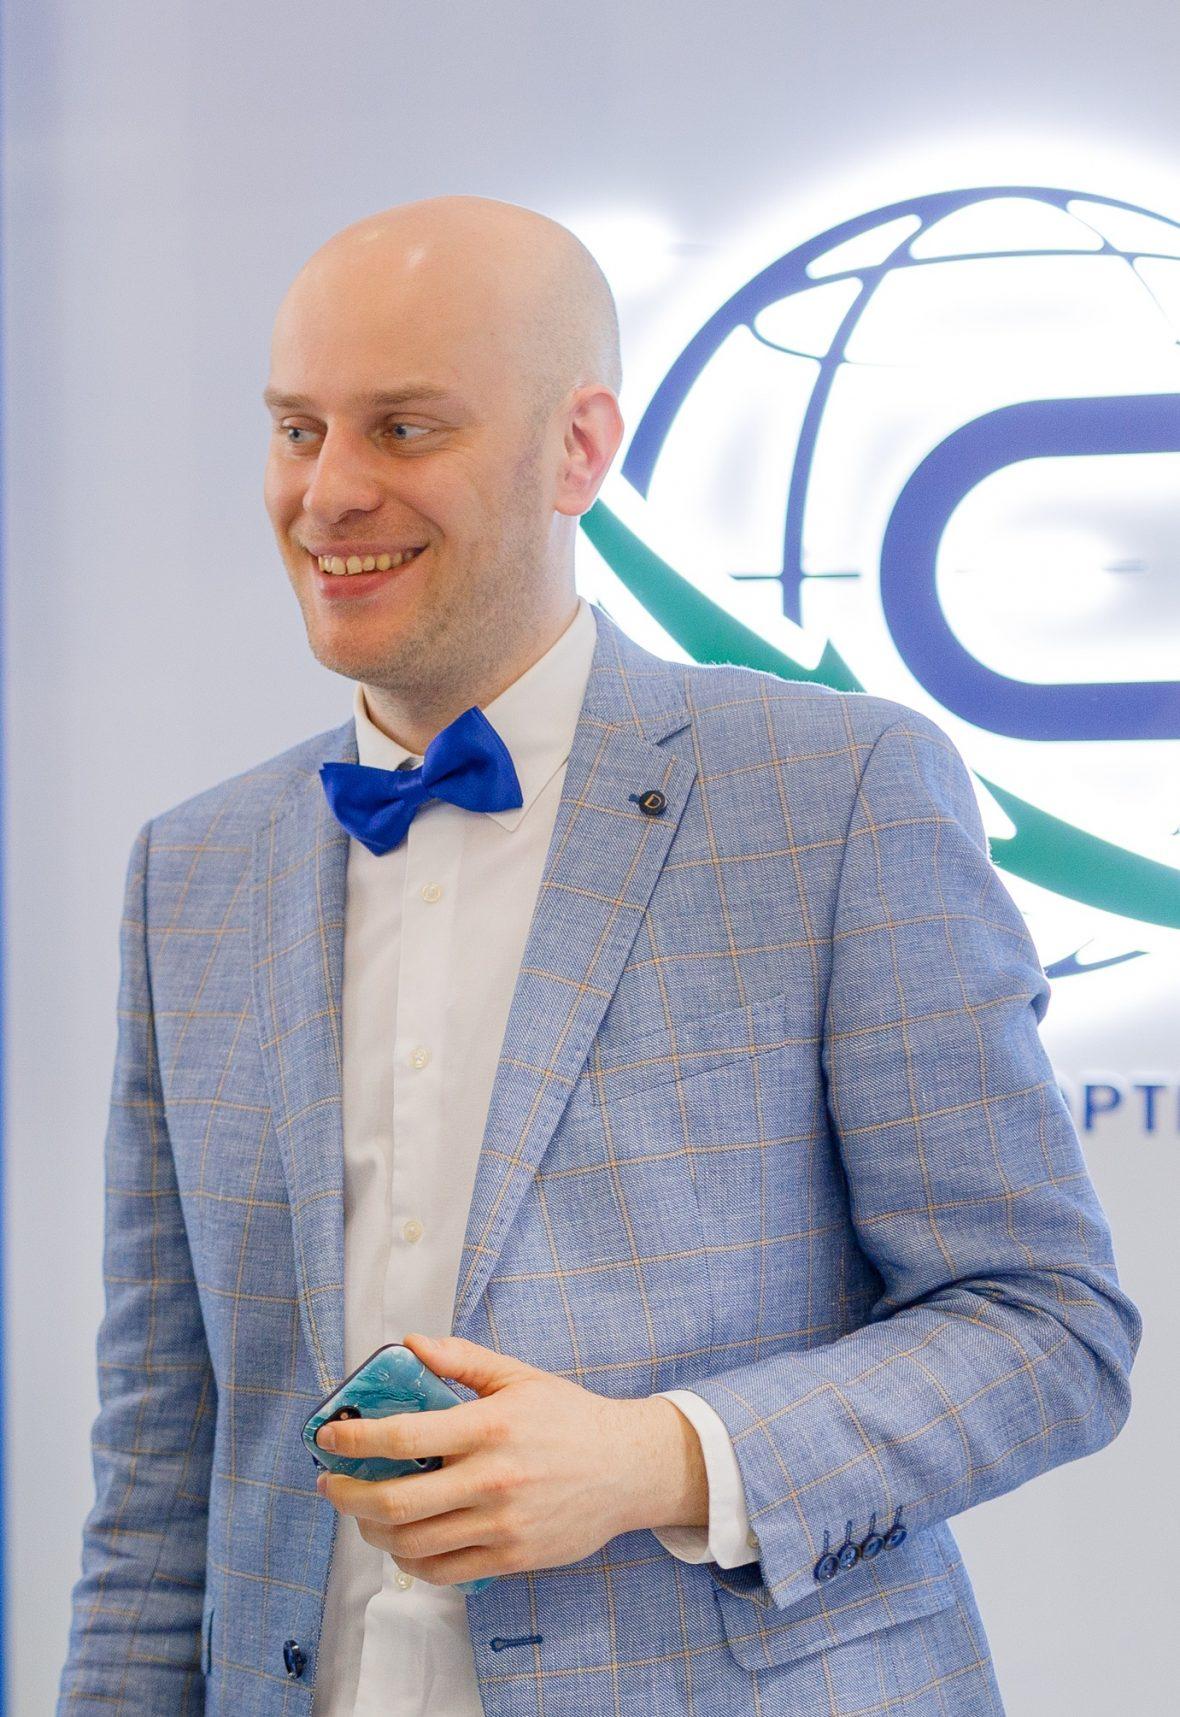 Dmitry Vaygachev